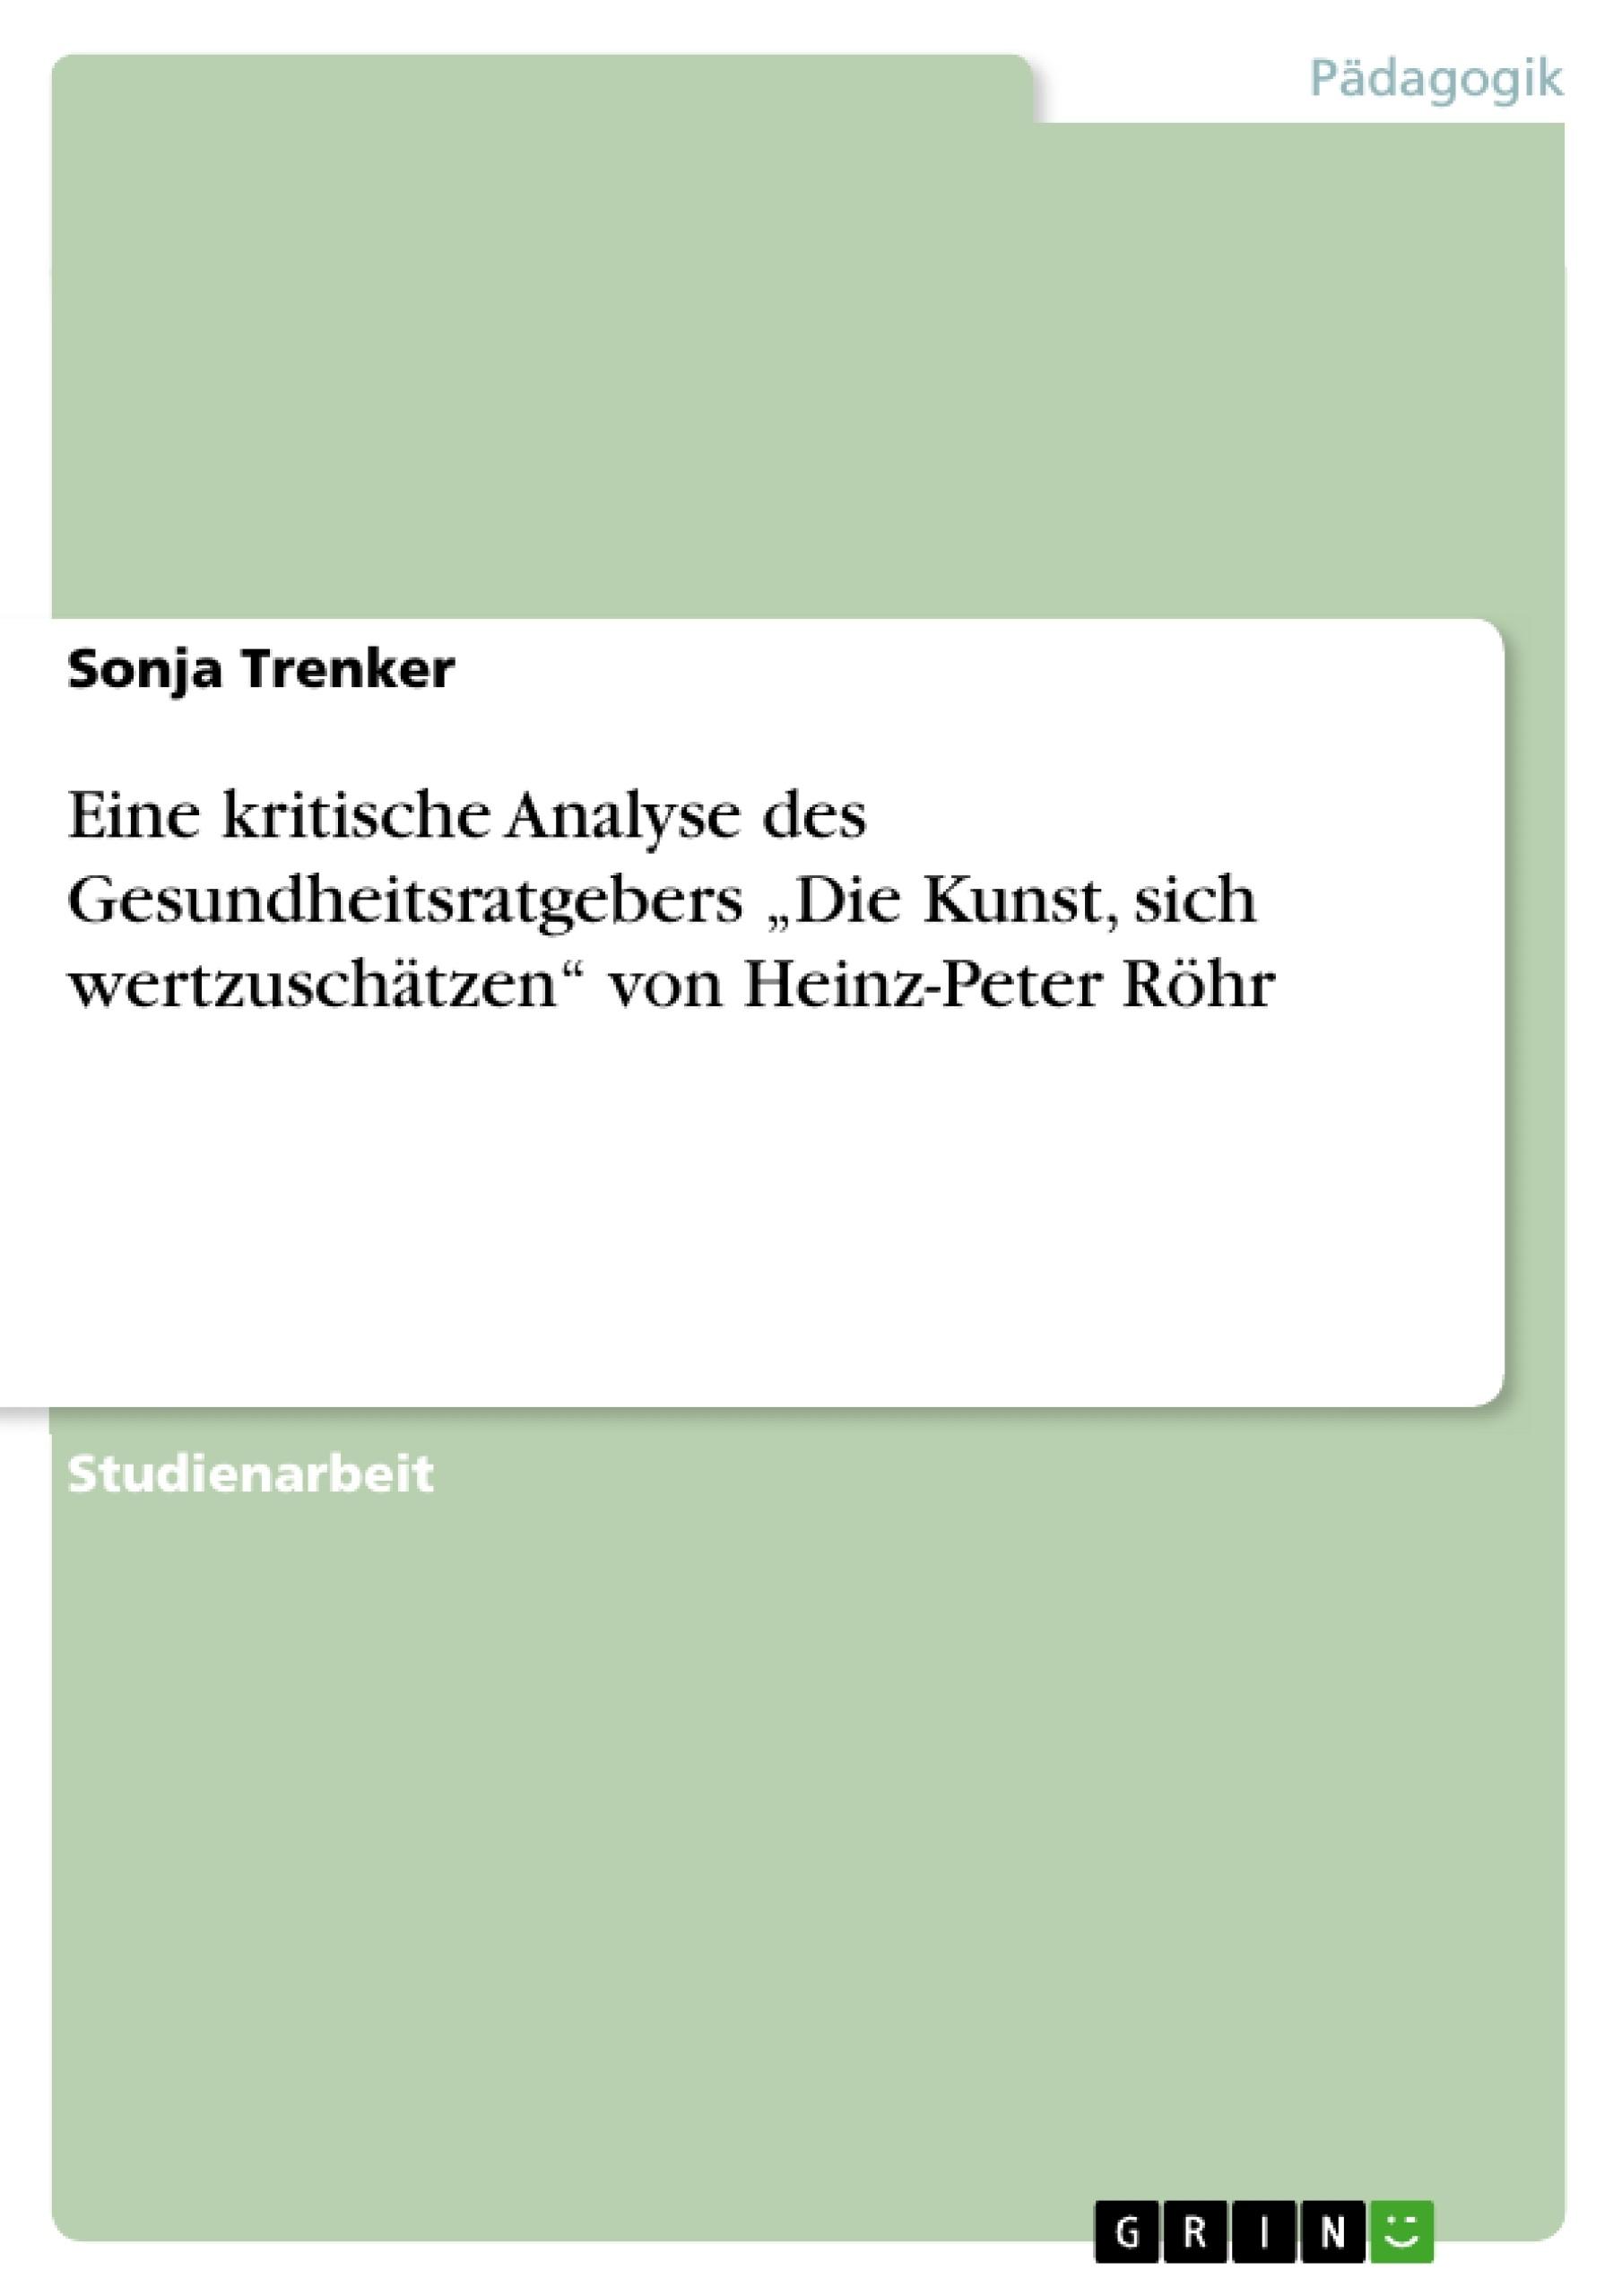 """Titel: Eine kritische Analyse des Gesundheitsratgebers """"Die Kunst, sich wertzuschätzen"""" von Heinz-Peter Röhr"""